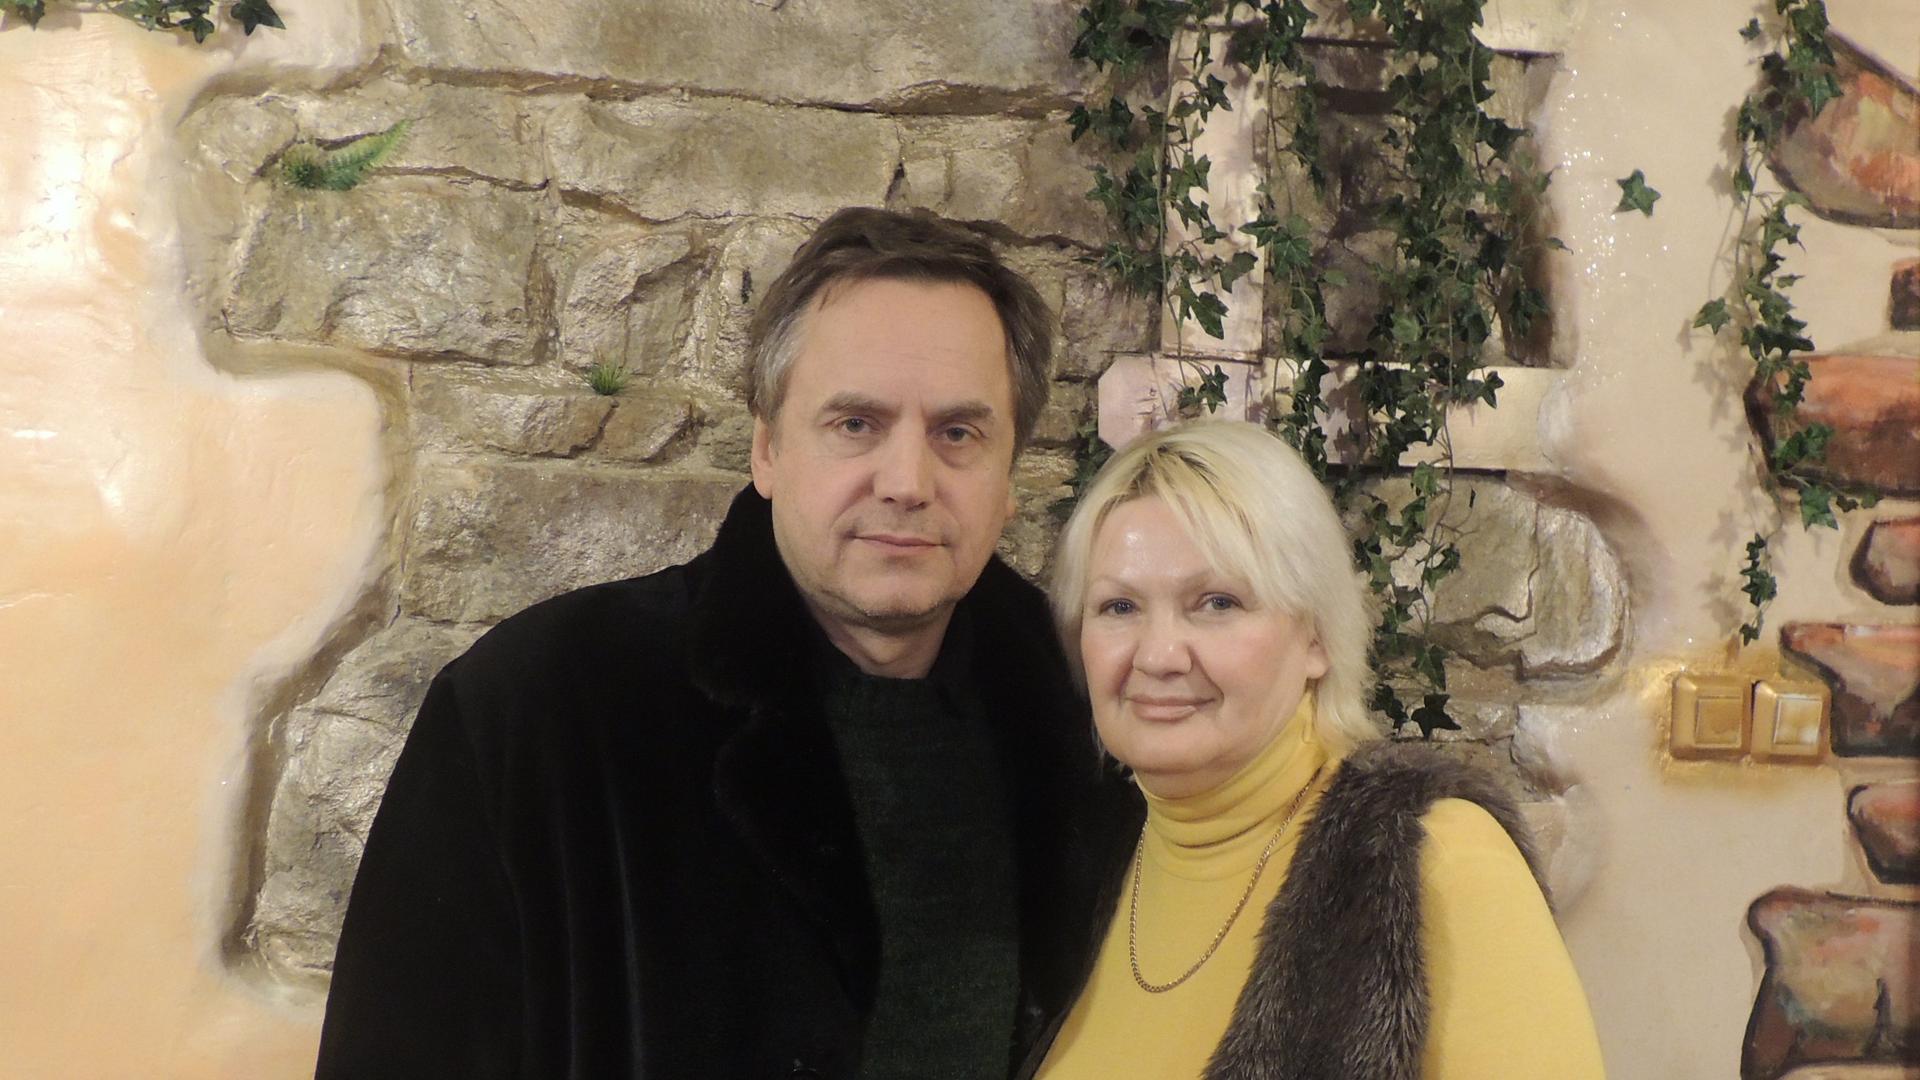 Андрей соколов актер семья дети фото